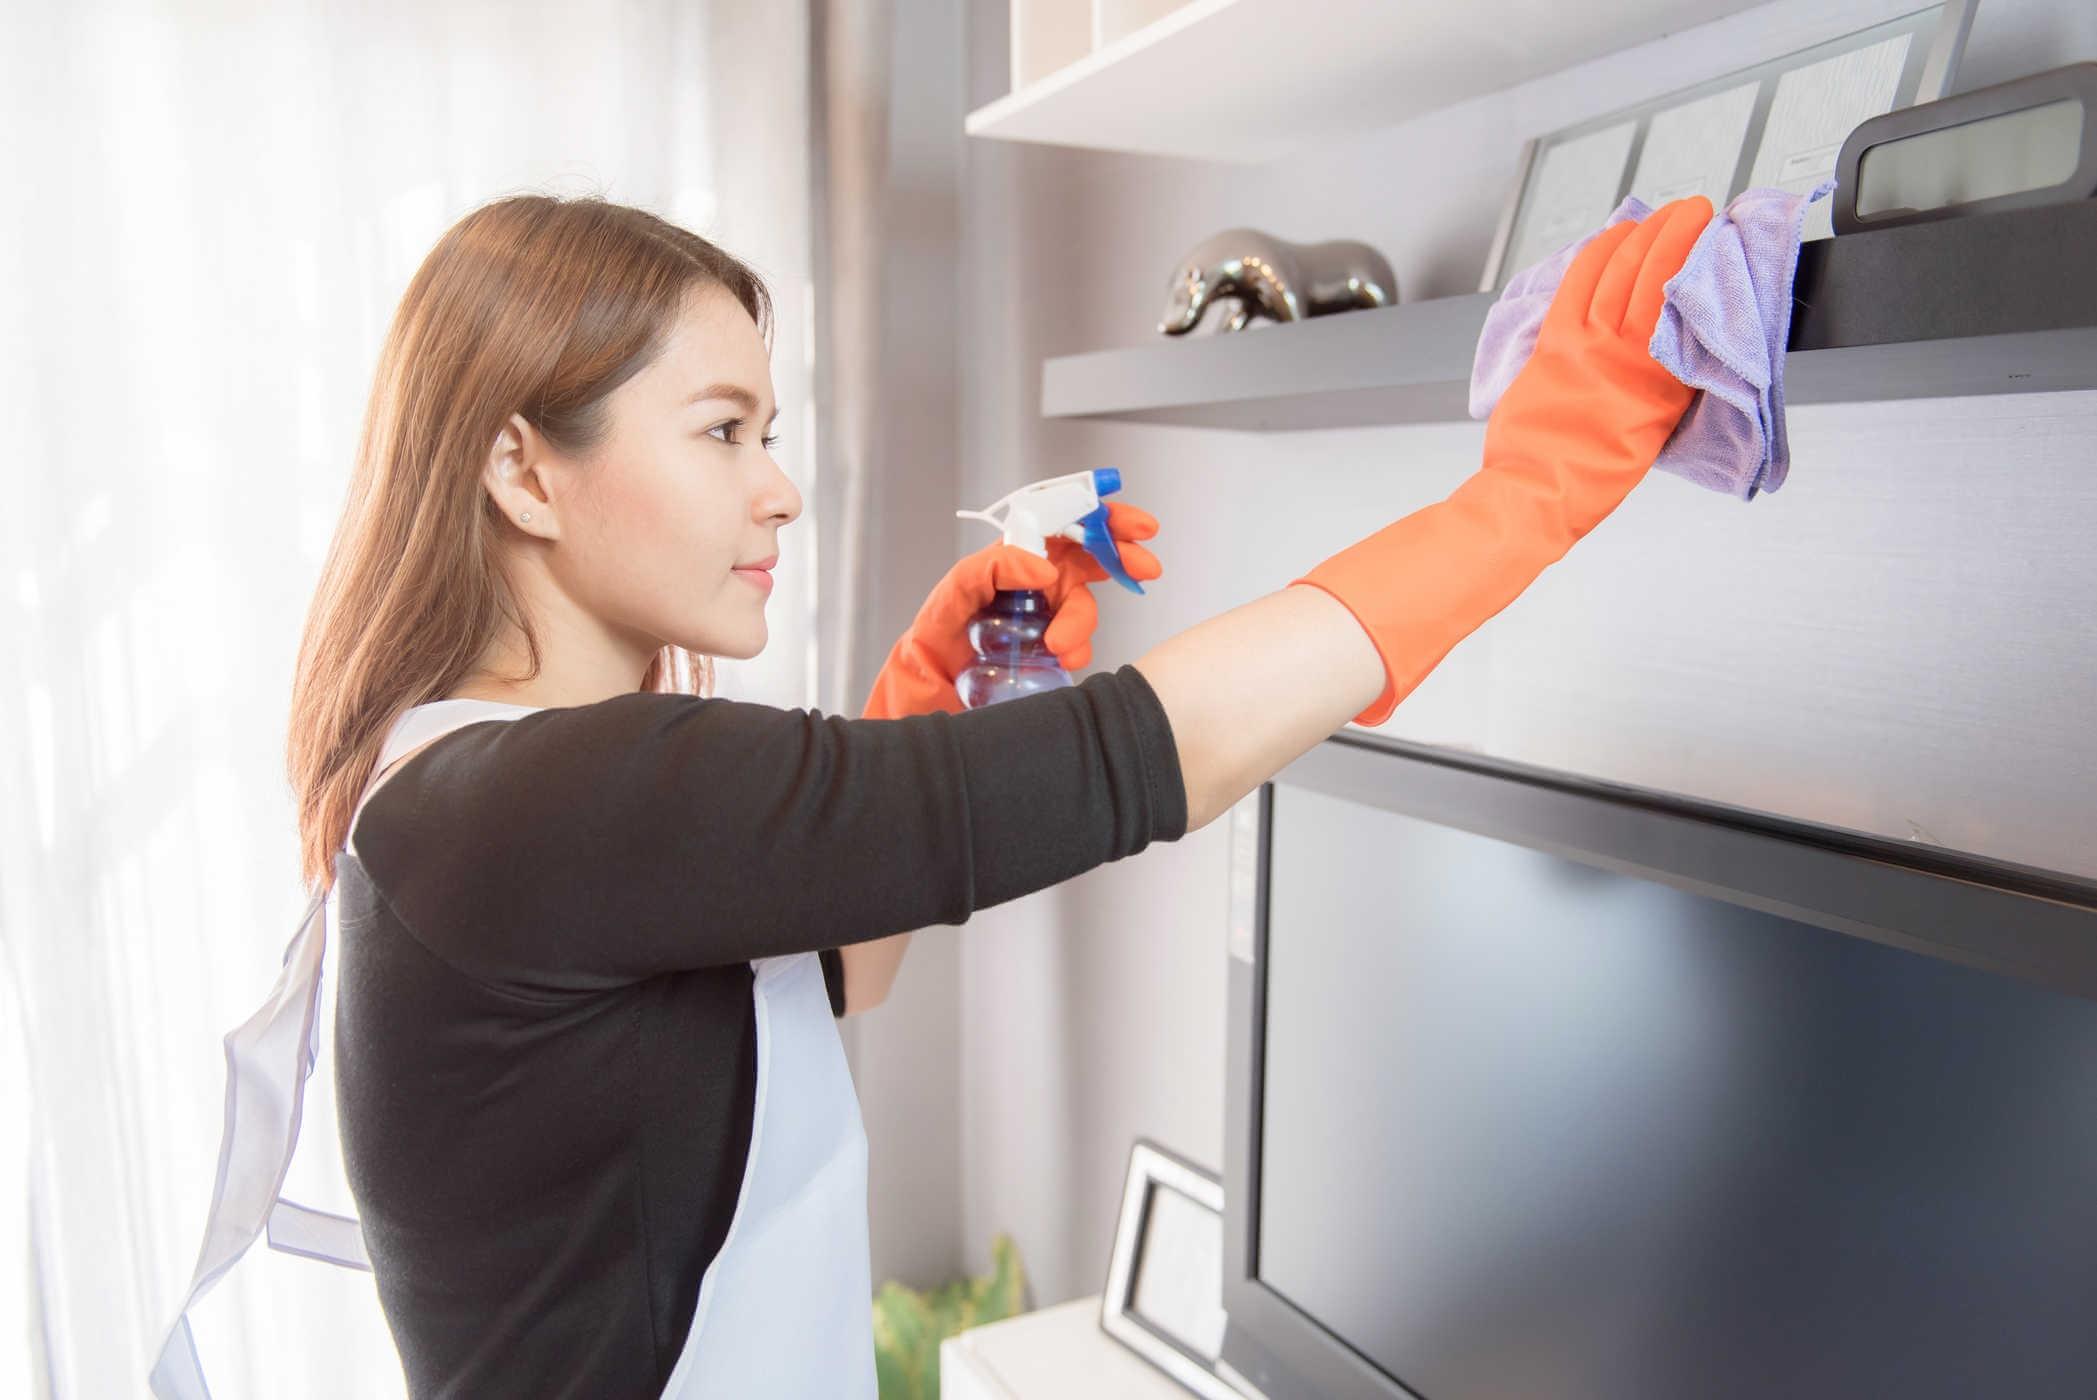 Trang bị đồ bảo hộ khi sử dụng hóa chất tẩy rửa nhà bếp